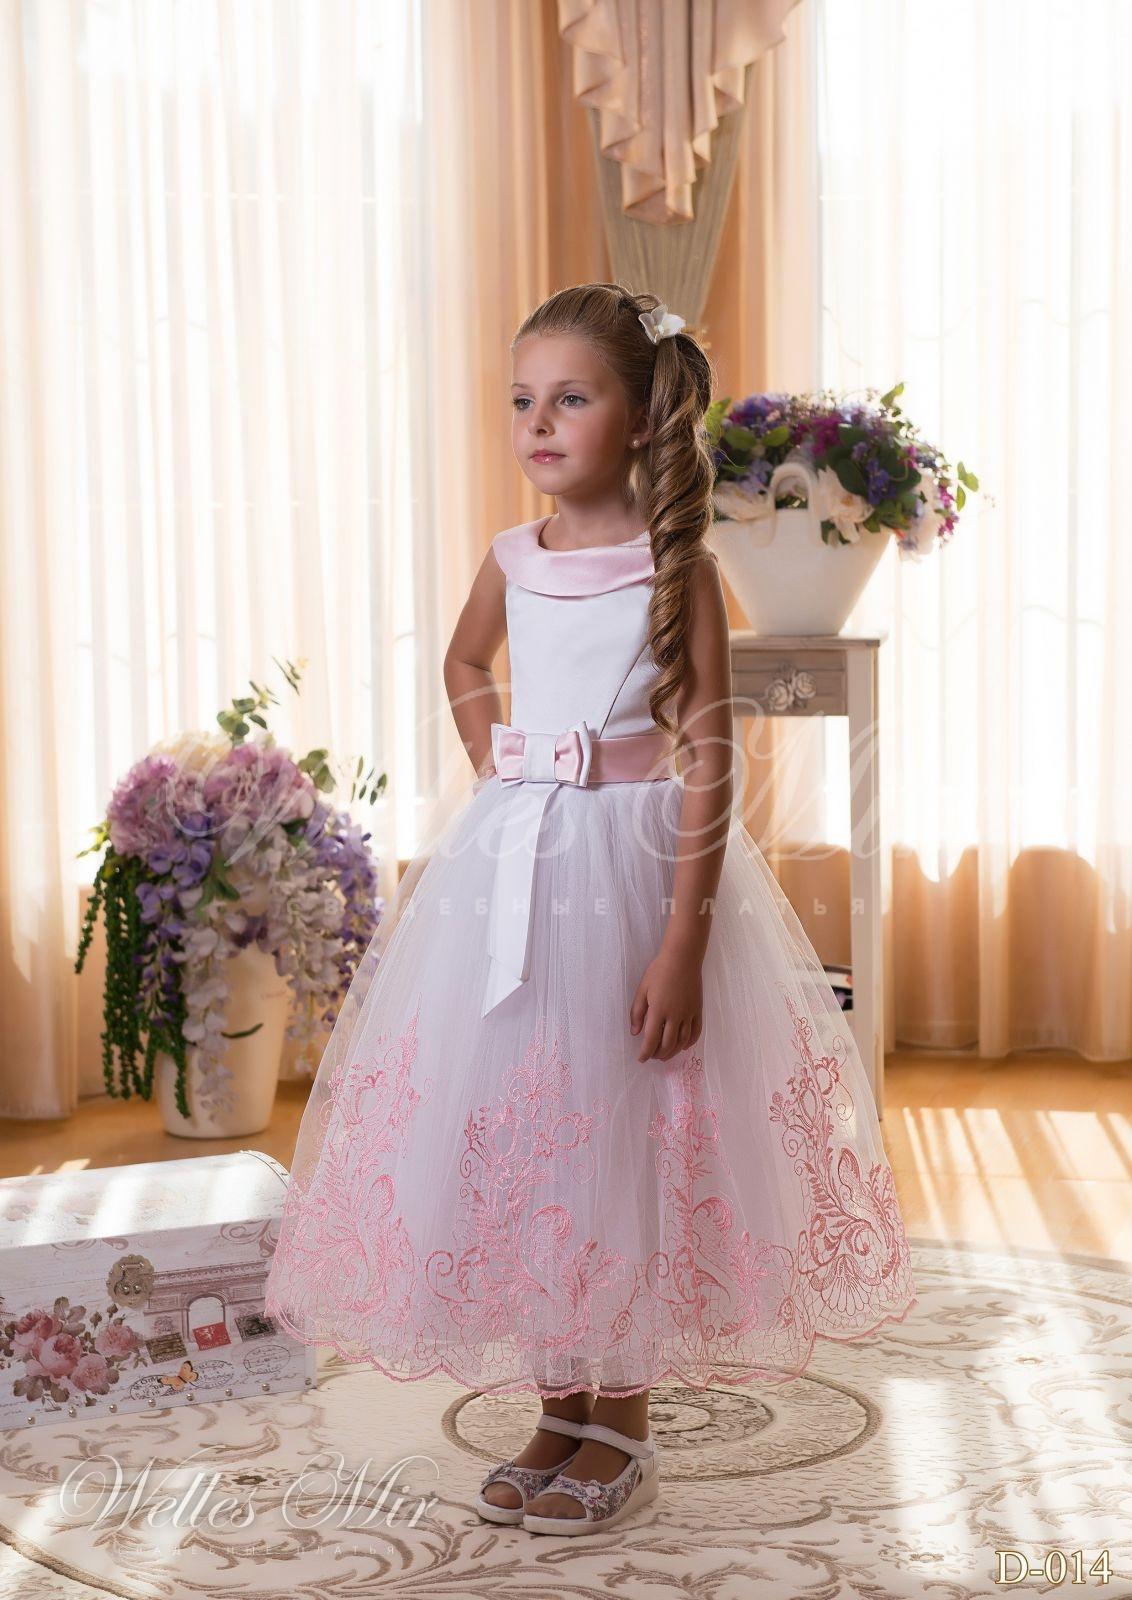 Детские платья Детские платья 2015 - D-014